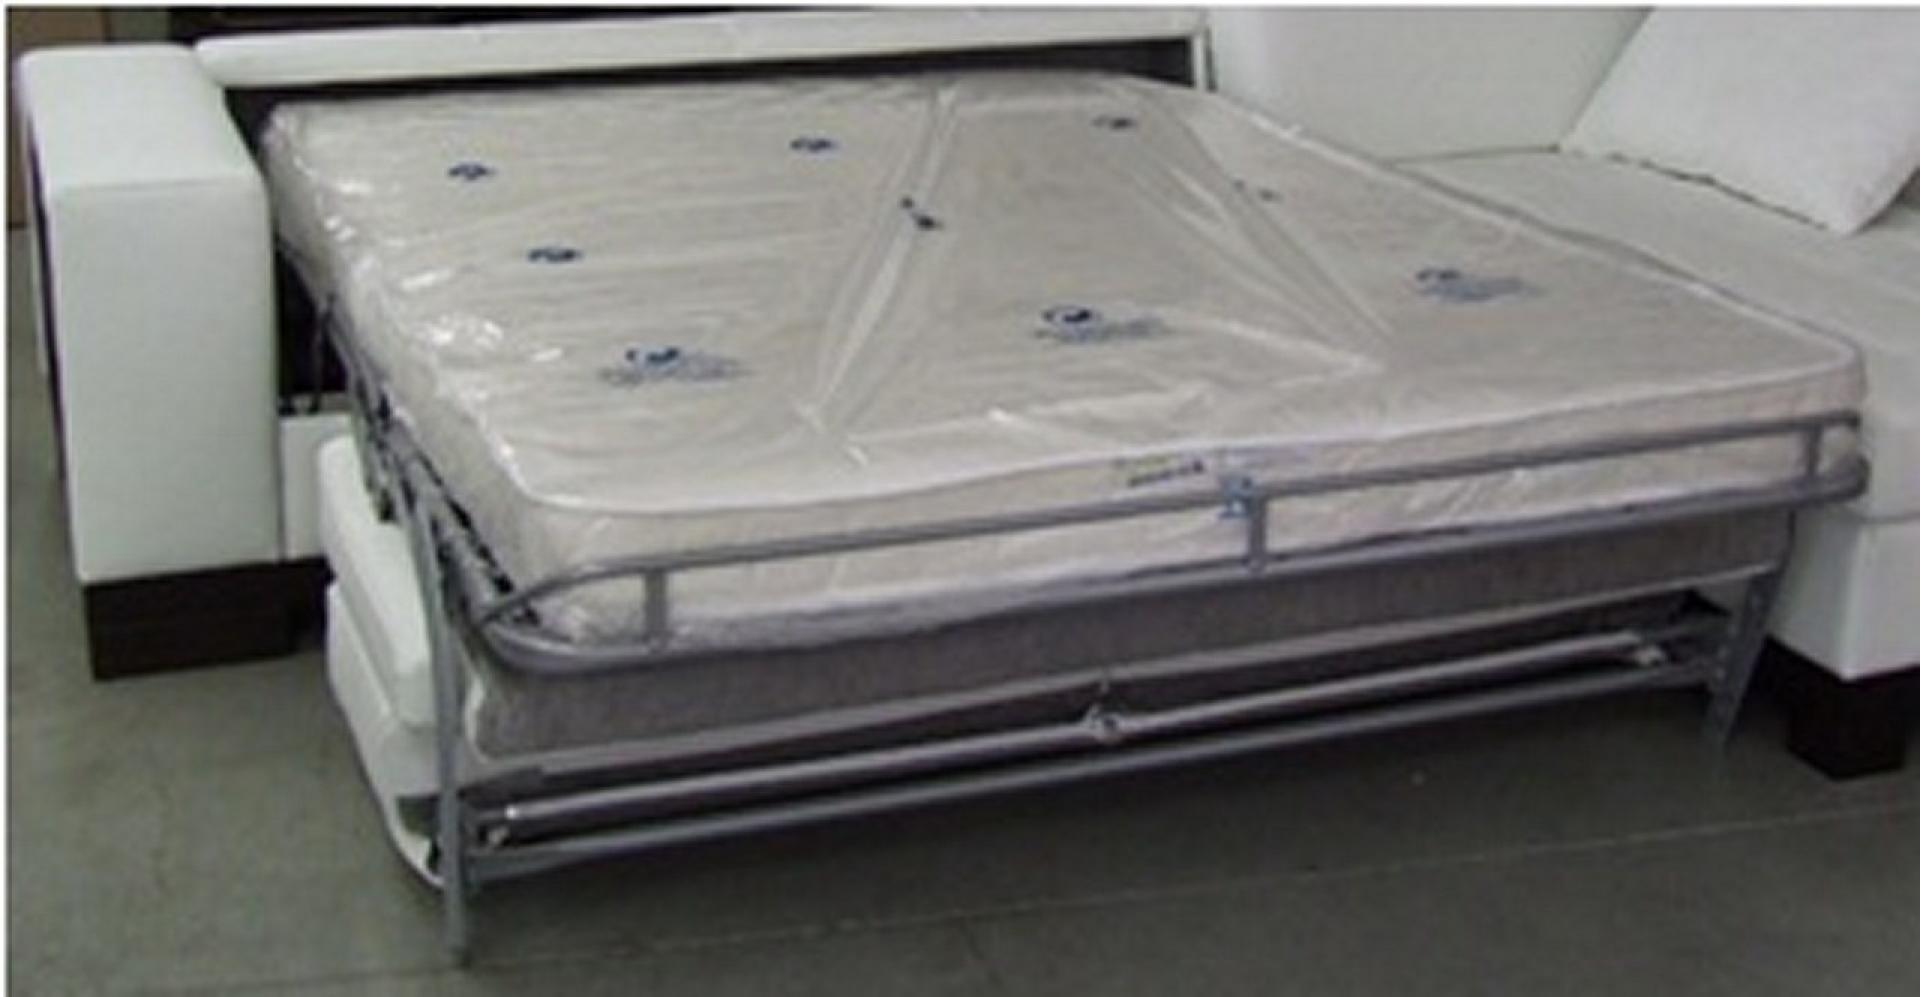 canap lit couchage quotidien fabulous canape convertible quotidien by canap convertible. Black Bedroom Furniture Sets. Home Design Ideas